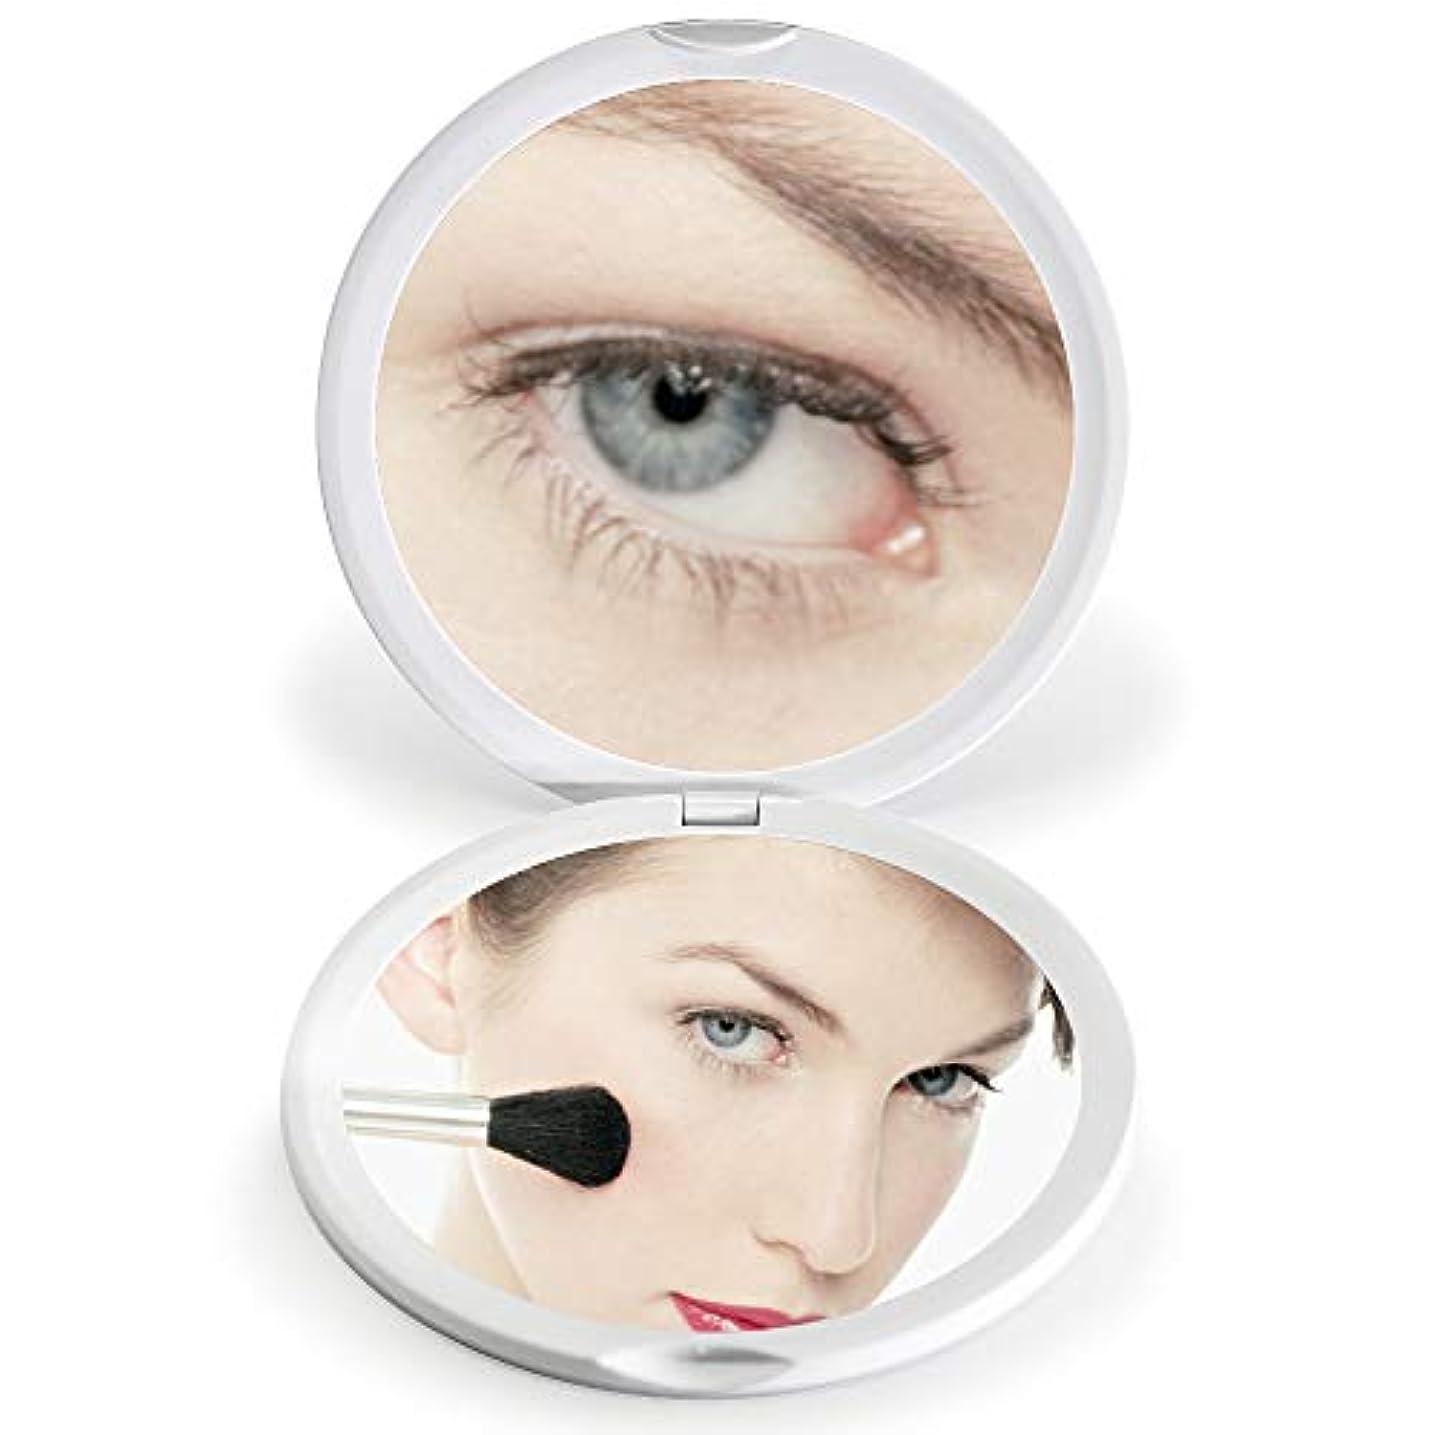 カプセルパリティ失敗FASCINATE 化粧鏡 化粧ミラー 鏡 女優ミラー 拡大鏡 10倍 明るさ調節可能 電池給電 (ホワイト)